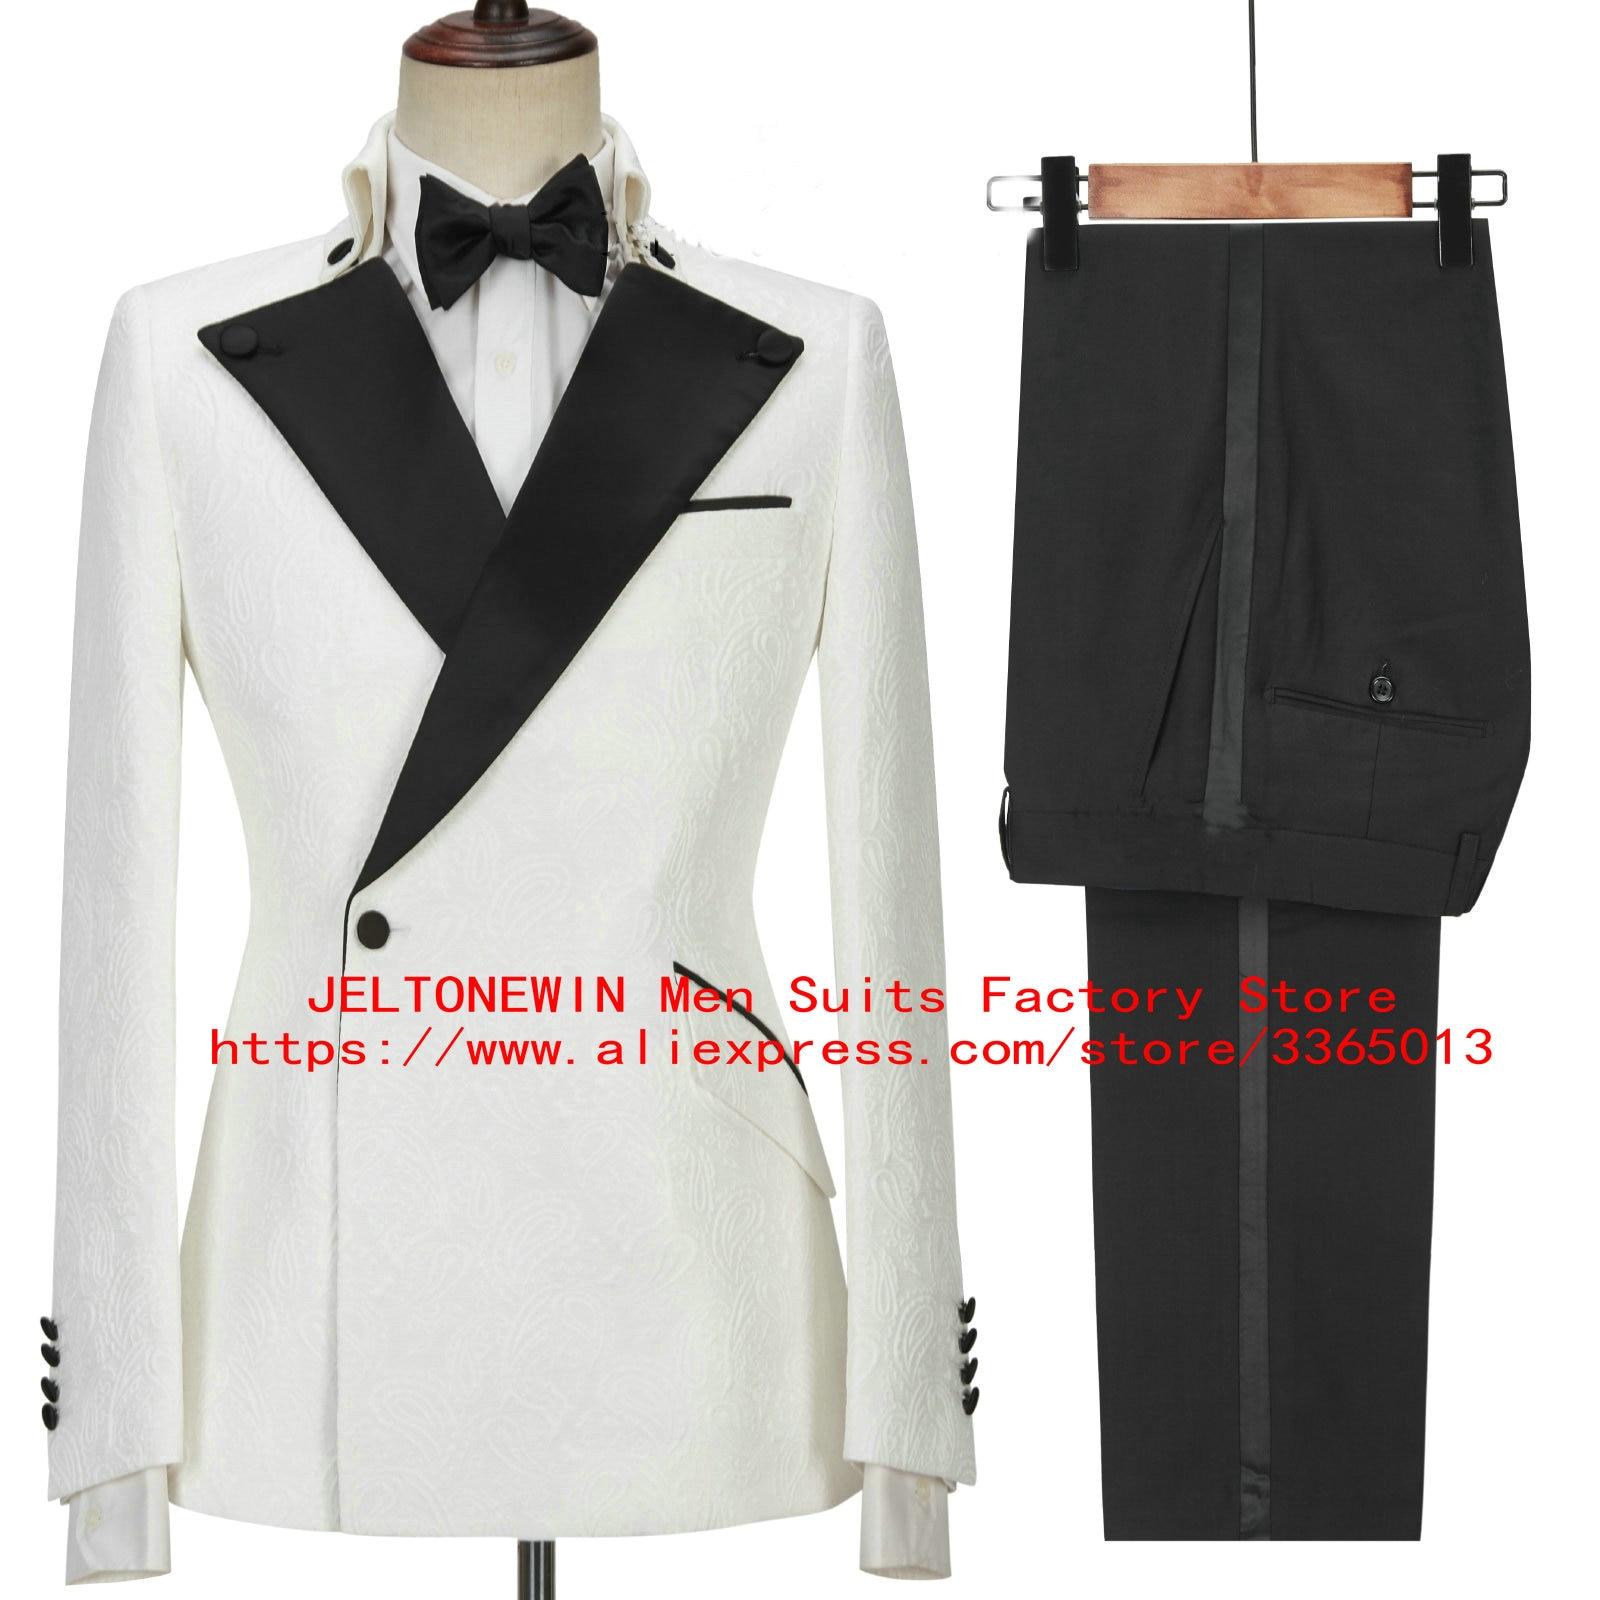 2021 الوردي الرجال الدعاوى سليم صالح العريس الزفاف البدلات للرجال بلغت ذروتها التلبيب الرسمي حفلة موسيقية البدلة 2 قطعة زي أوم (سترة بانت)